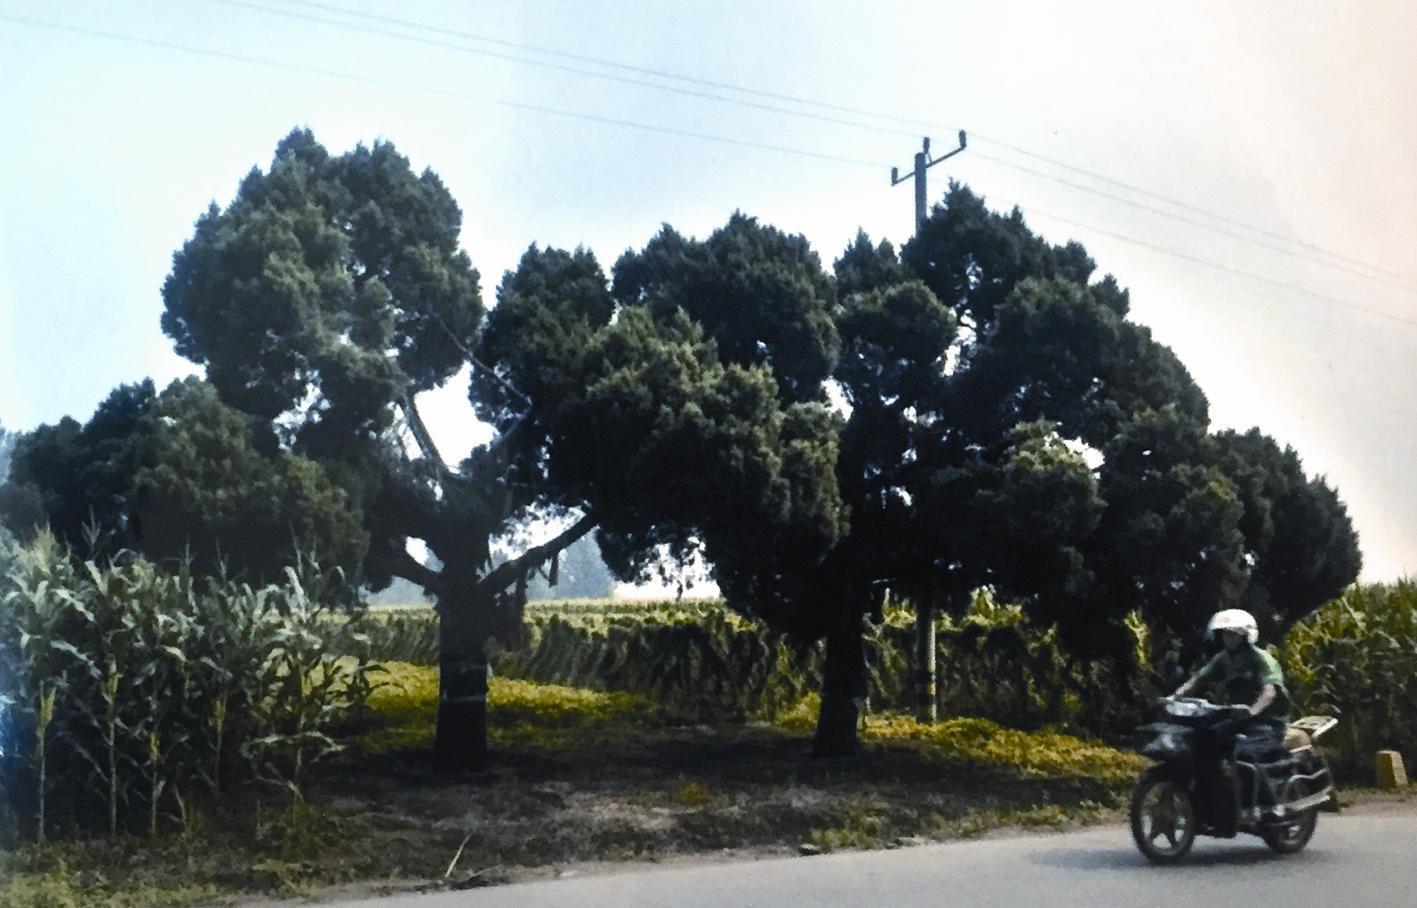 乔木,高可达20余米,幼树树冠呈尖塔状,老树树冠可呈广圆形.